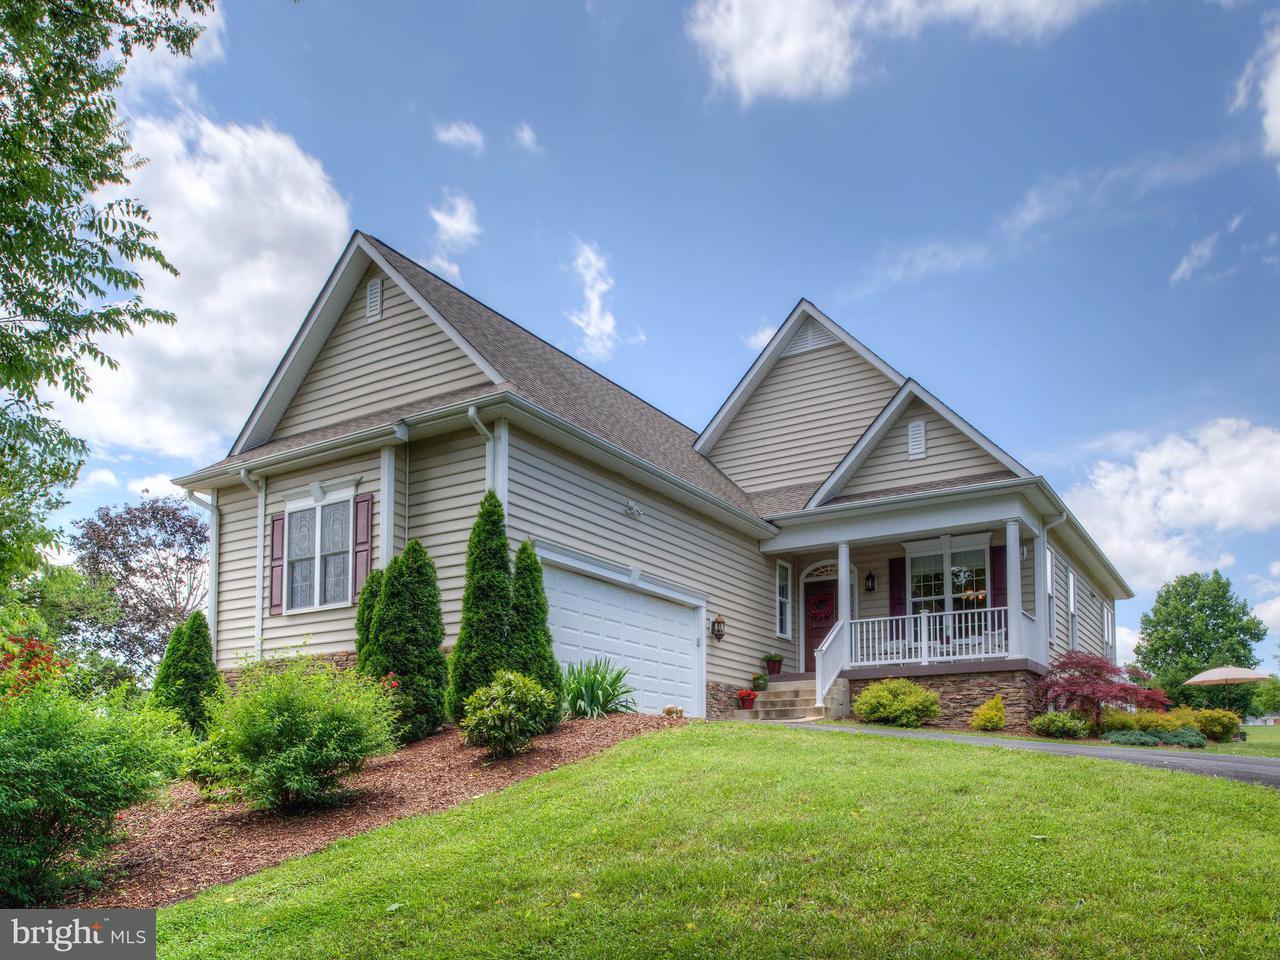 Maison unifamiliale pour l Vente à 187 VIRGINIA WAY 187 VIRGINIA WAY Mineral, Virginia 23117 États-Unis